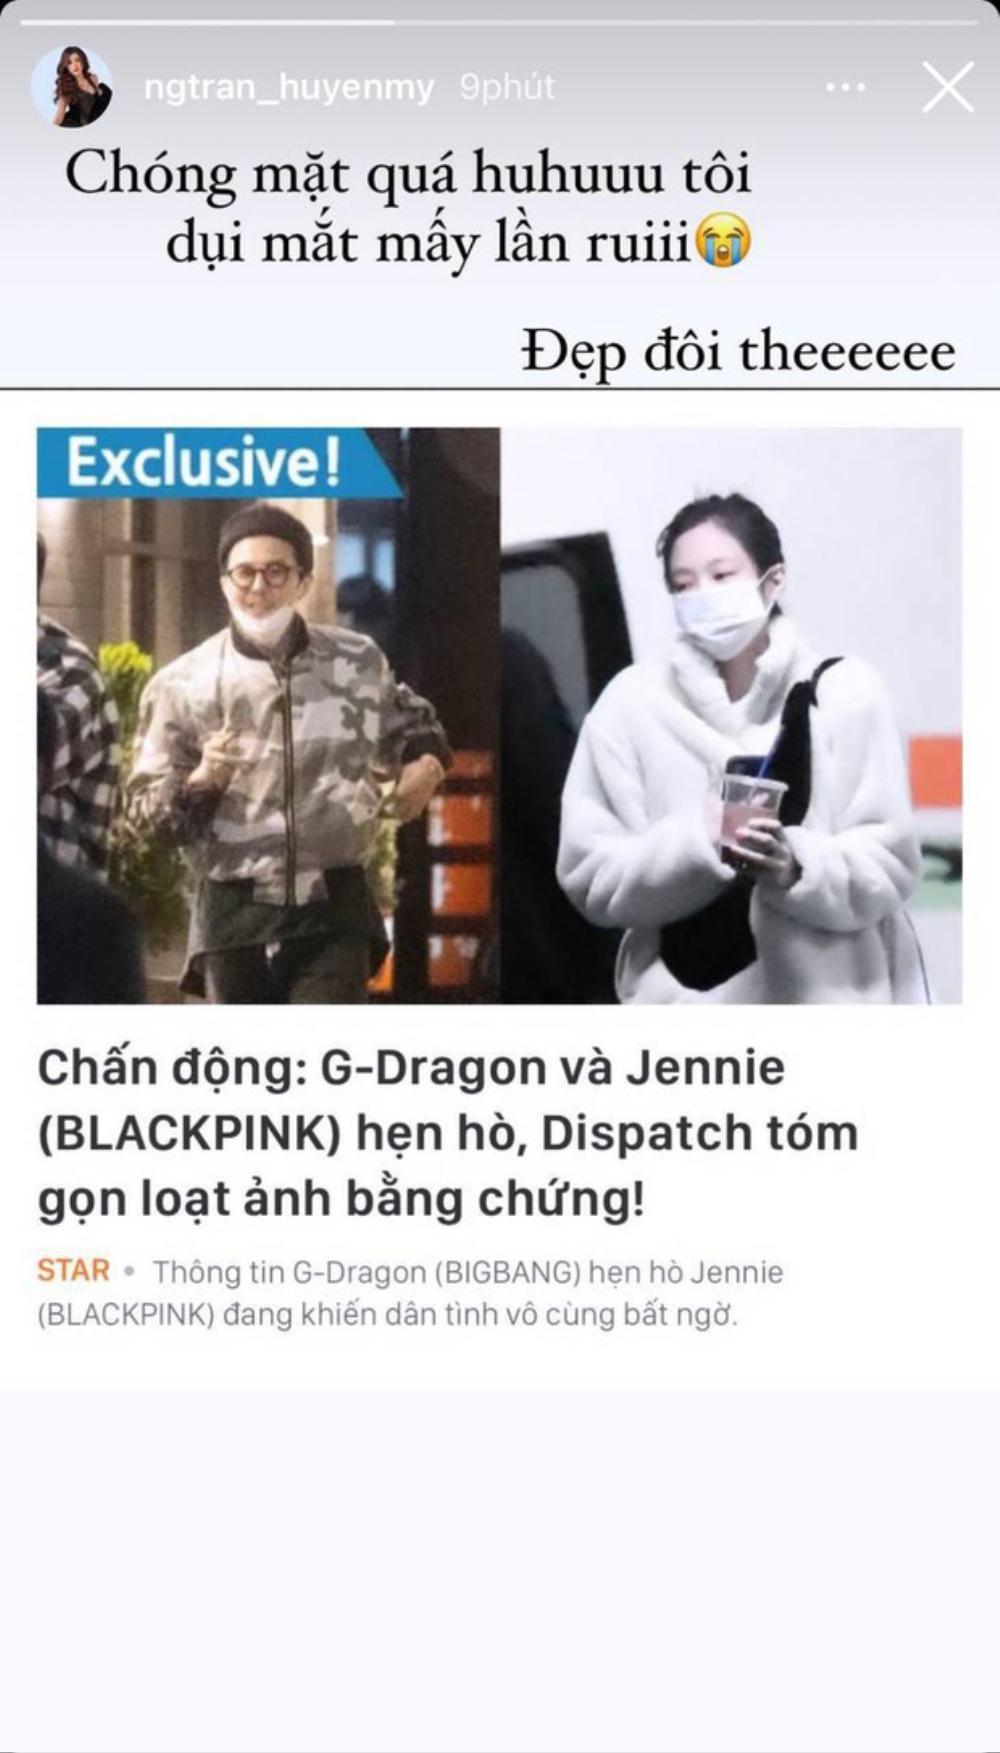 Huyền My, Tóc Tiên chúc mừng G-Dragon - Jennie vì đang hẹn hò, 'đáng thương' nhất là Diệu Nhi Ảnh 2